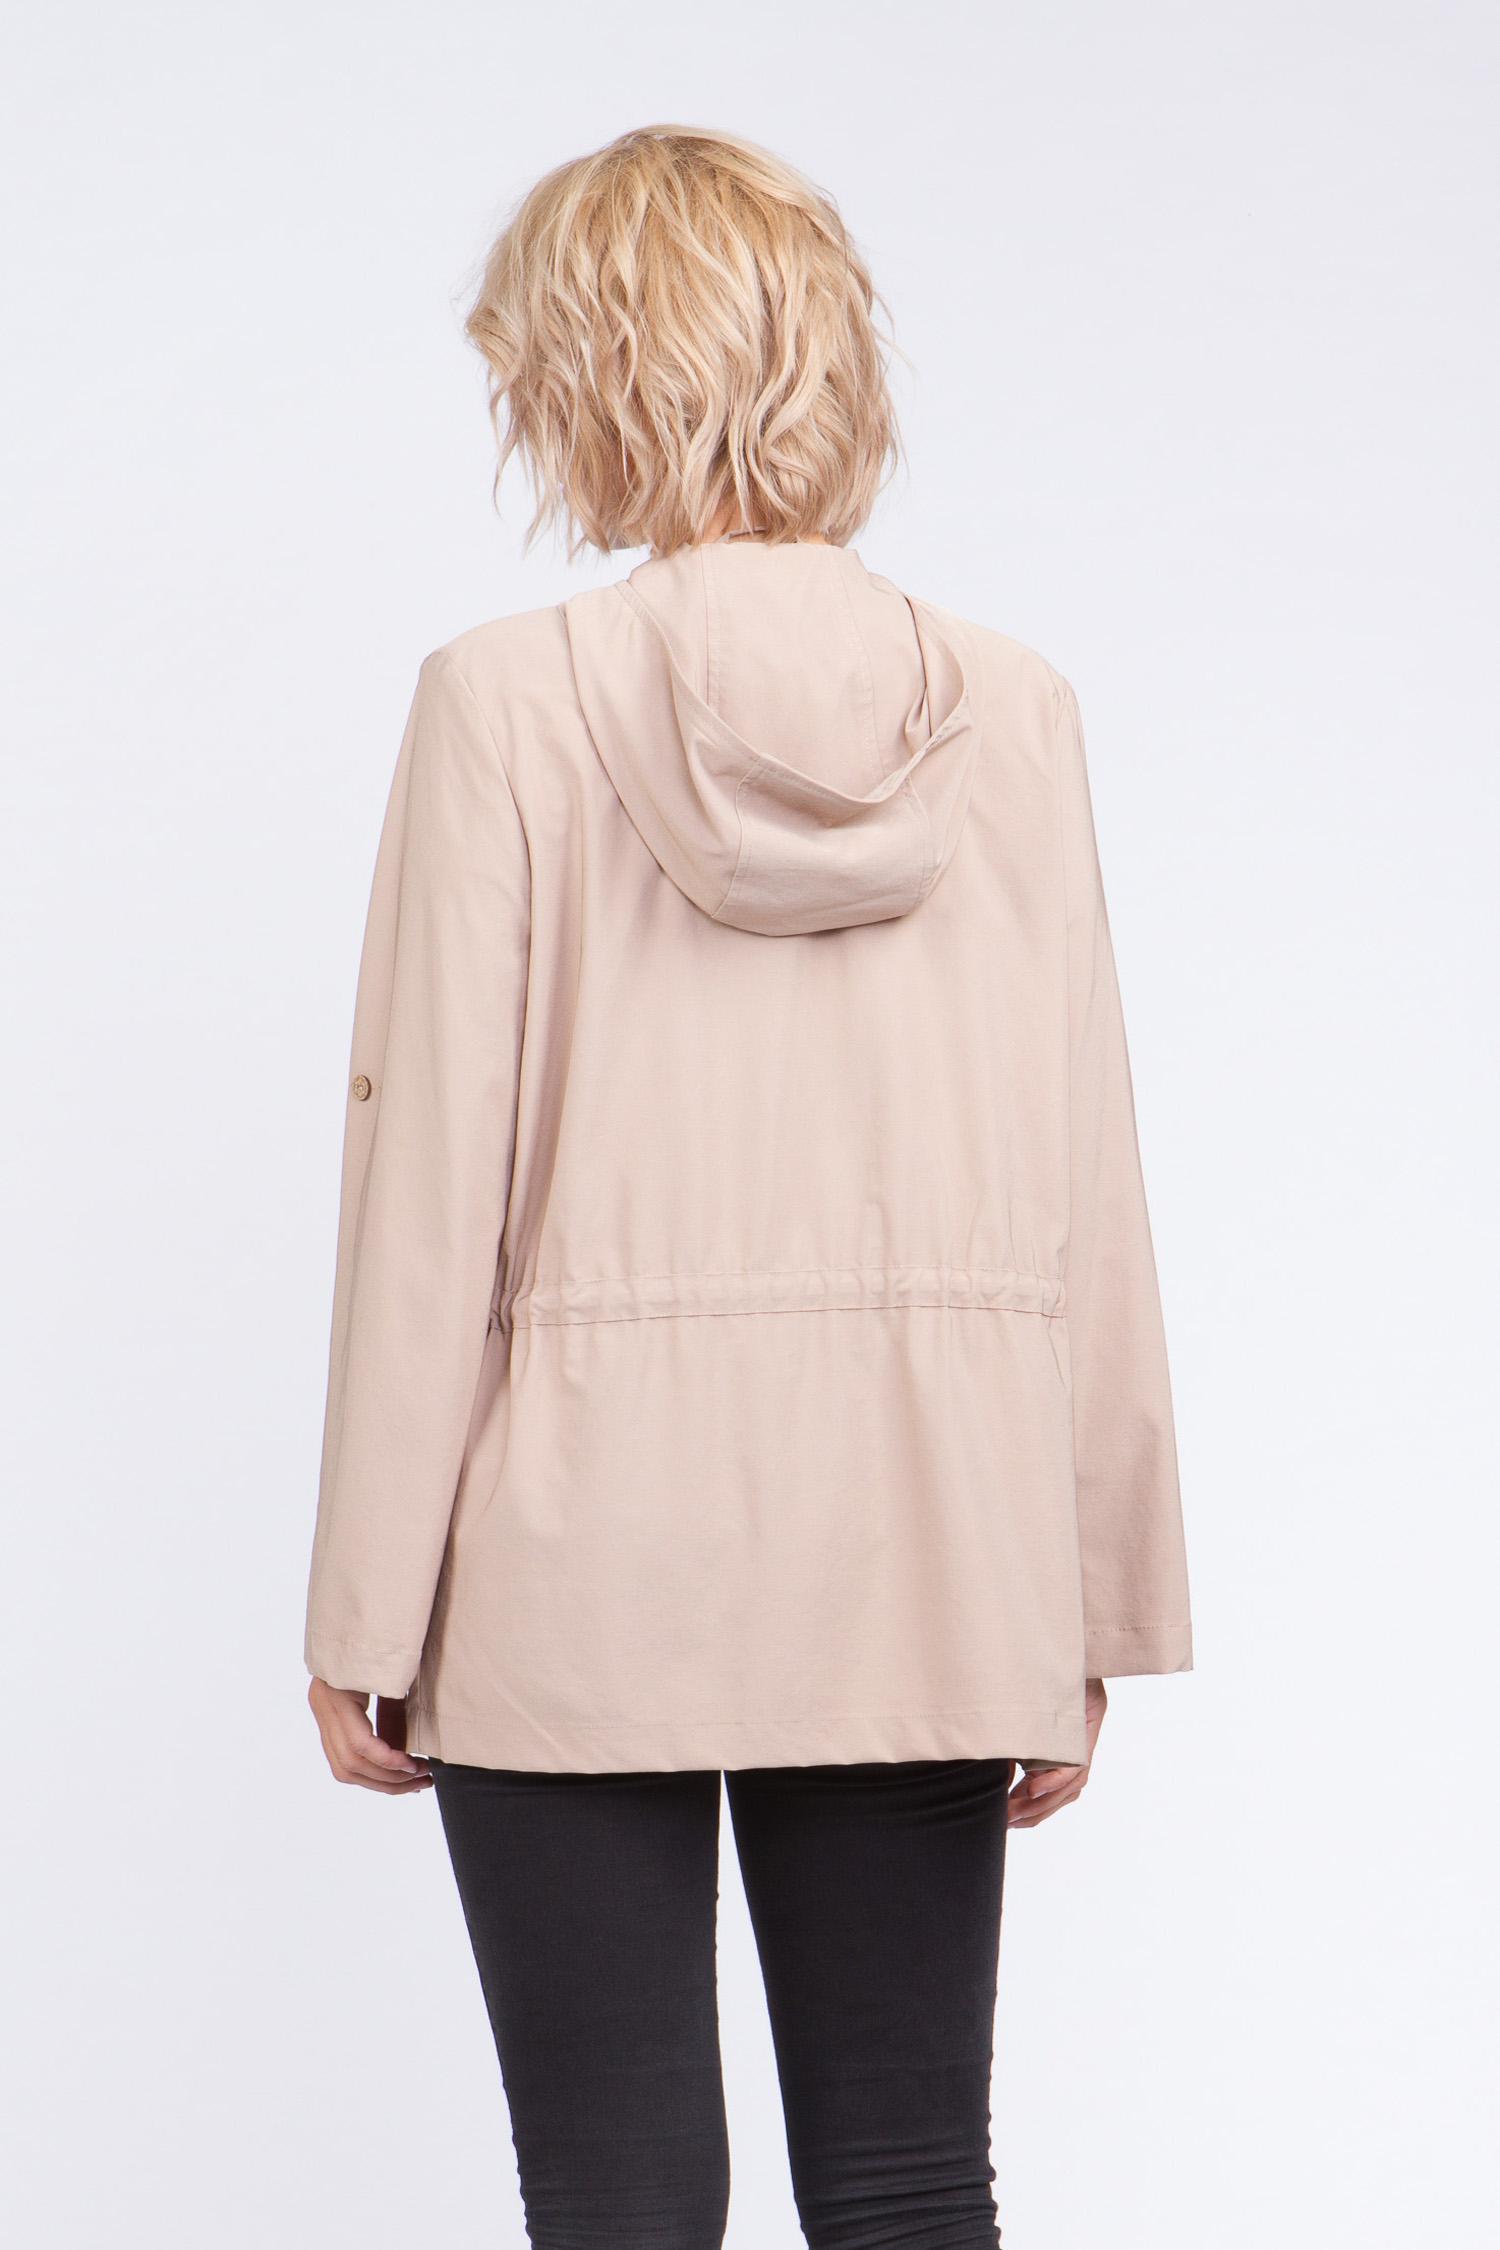 Женская куртка из текстиля с капюшоном, без отделки от Московская Меховая Компания